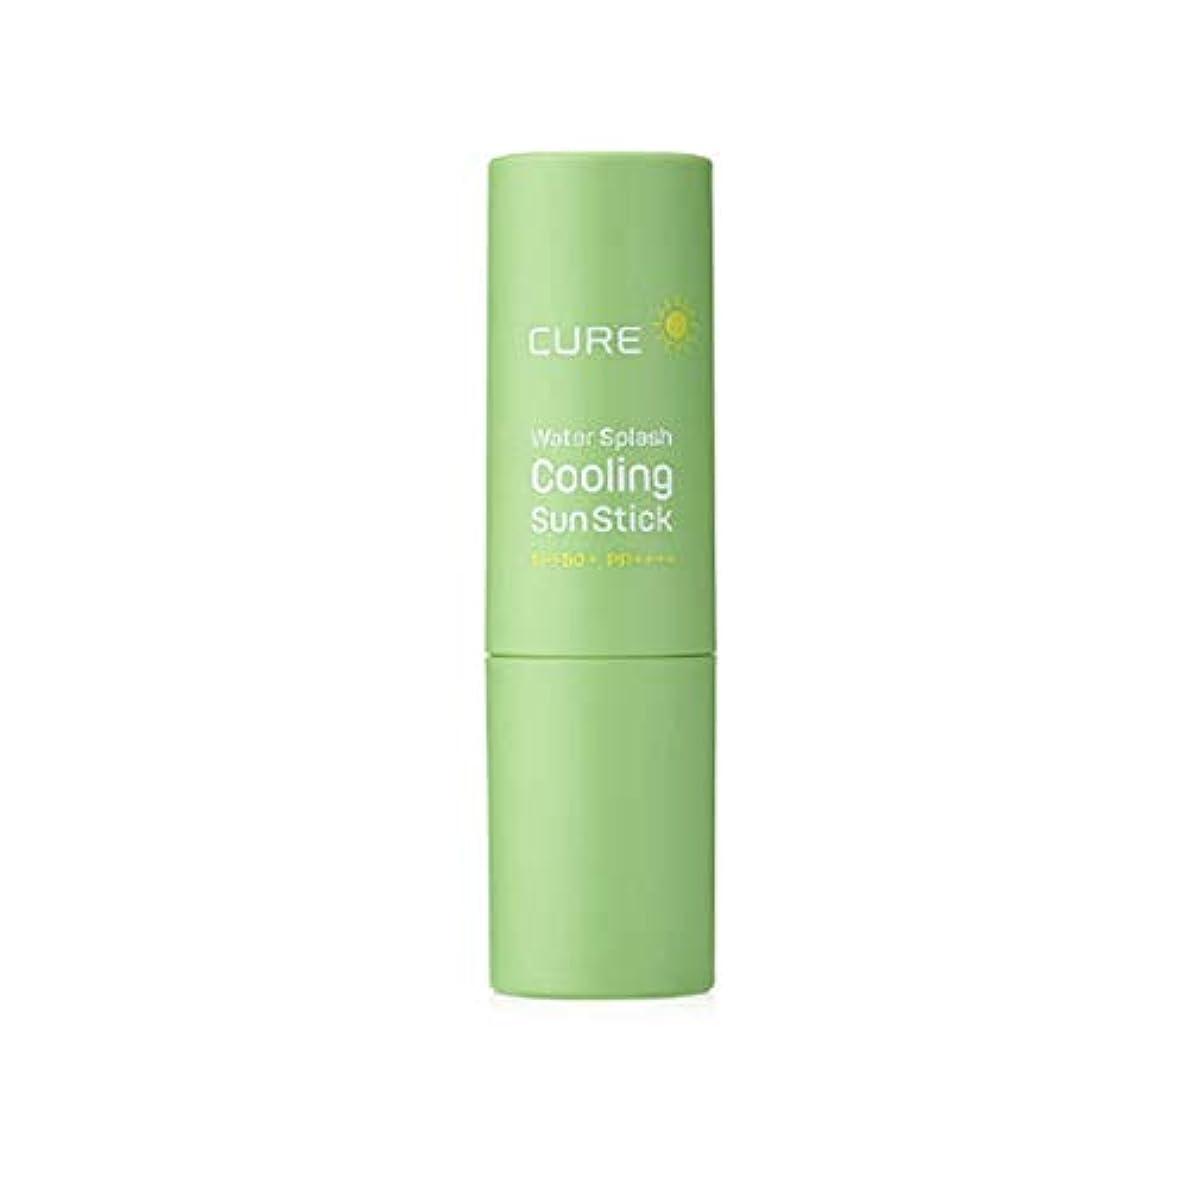 飽和する接辞ありがたい[KIMJUNGMOON ALOE] キムジョンムンアロエ Cure Water Splash Coolling Sun Stick 11gキュアウォータースプラッシュクーリングスティックSPF50+/PA++++ 42% Aloe Vera Juice Korean Skincare #1118 アロエ汁日焼け止め